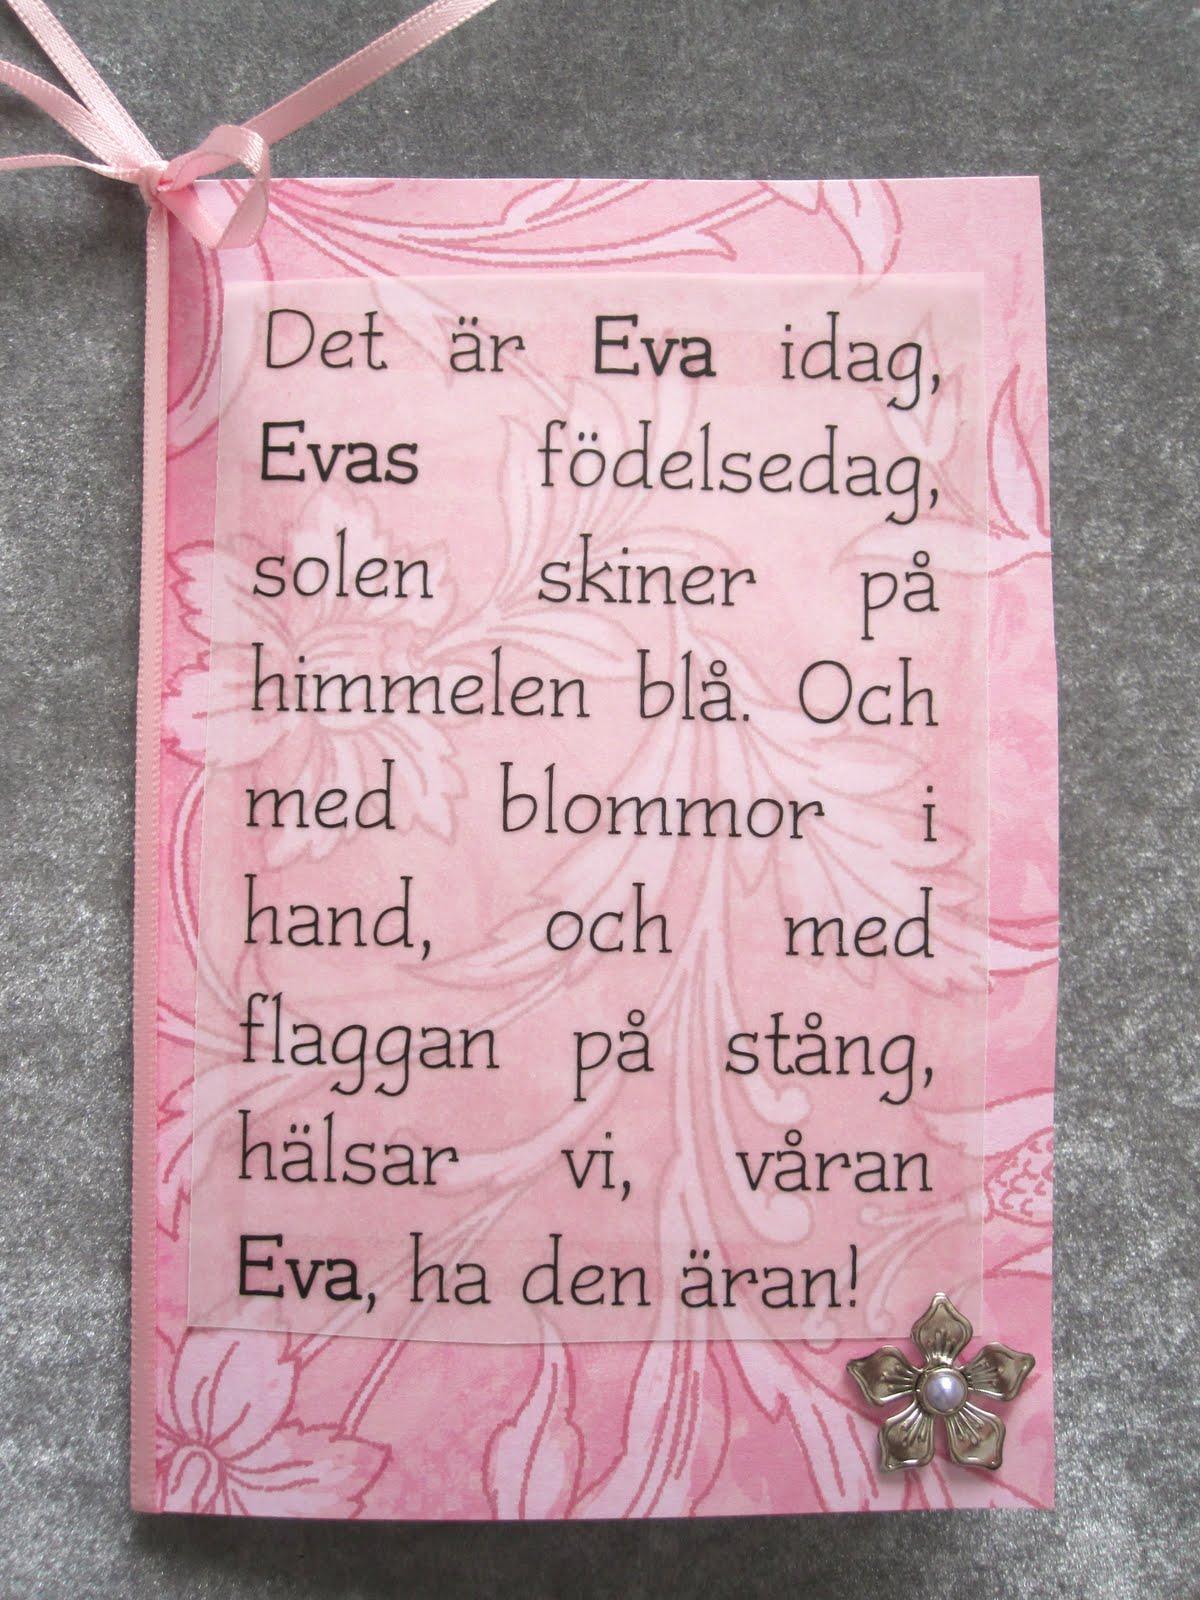 NÄR NÅGON FYLLER ÅR